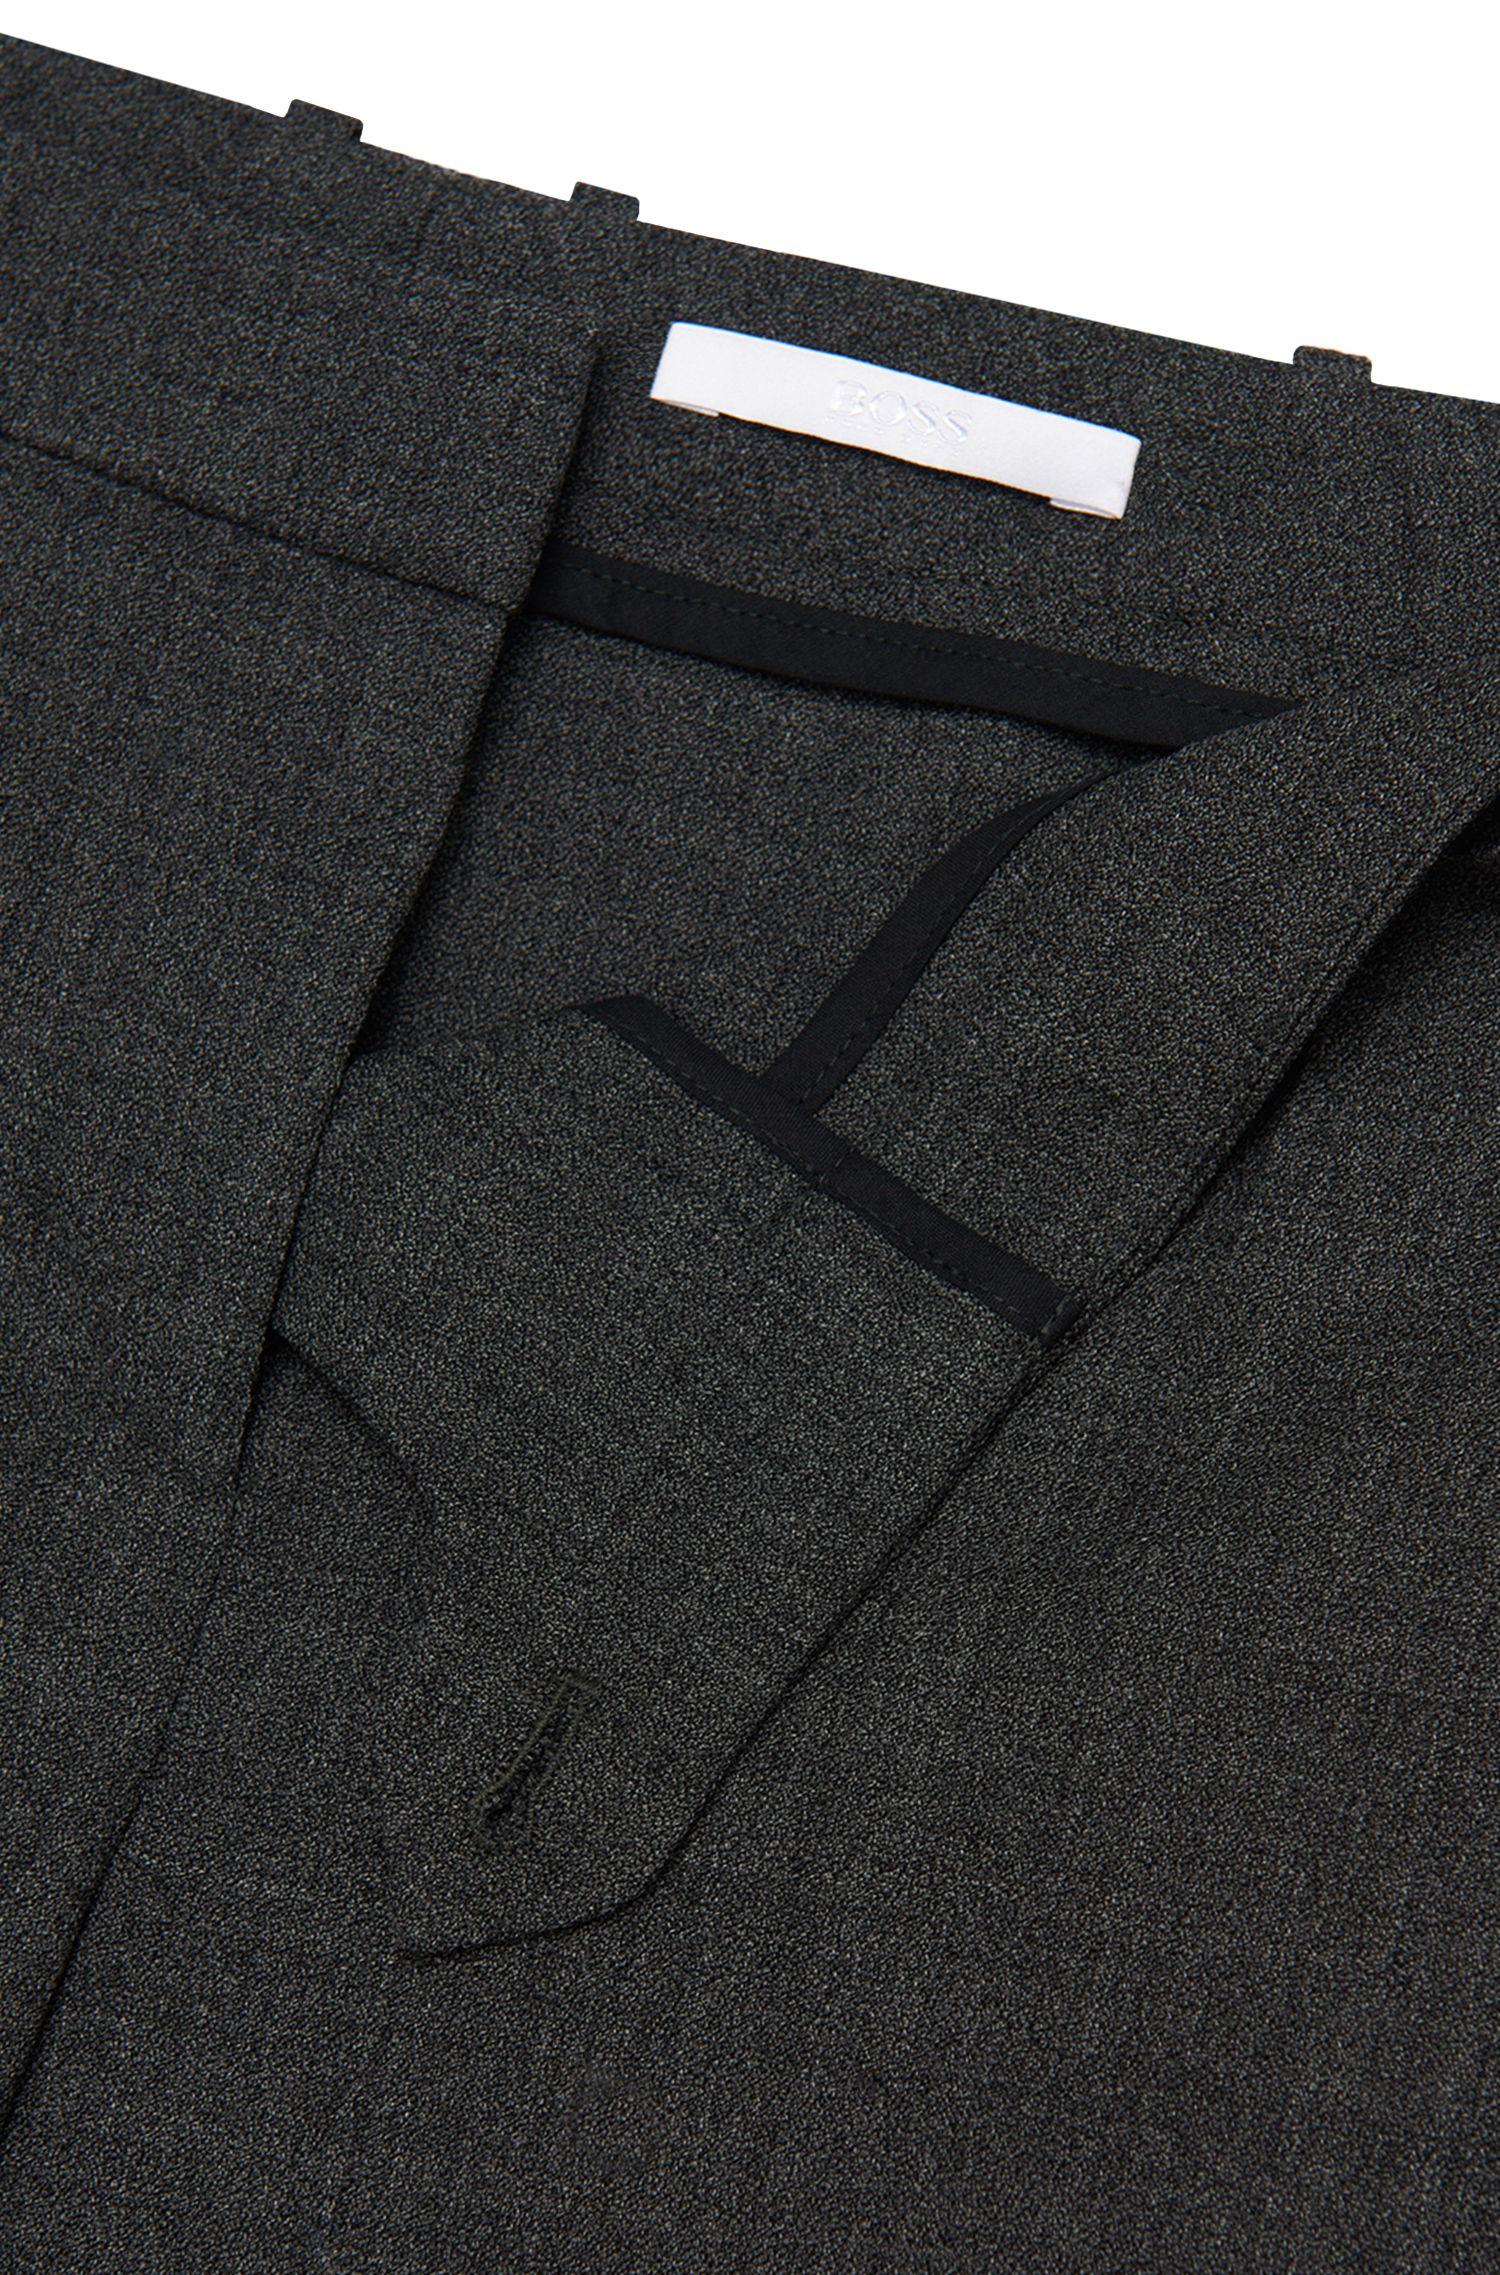 Slim-Fit Hose aus Stretch-Schurwolle: 'Tiluna1'